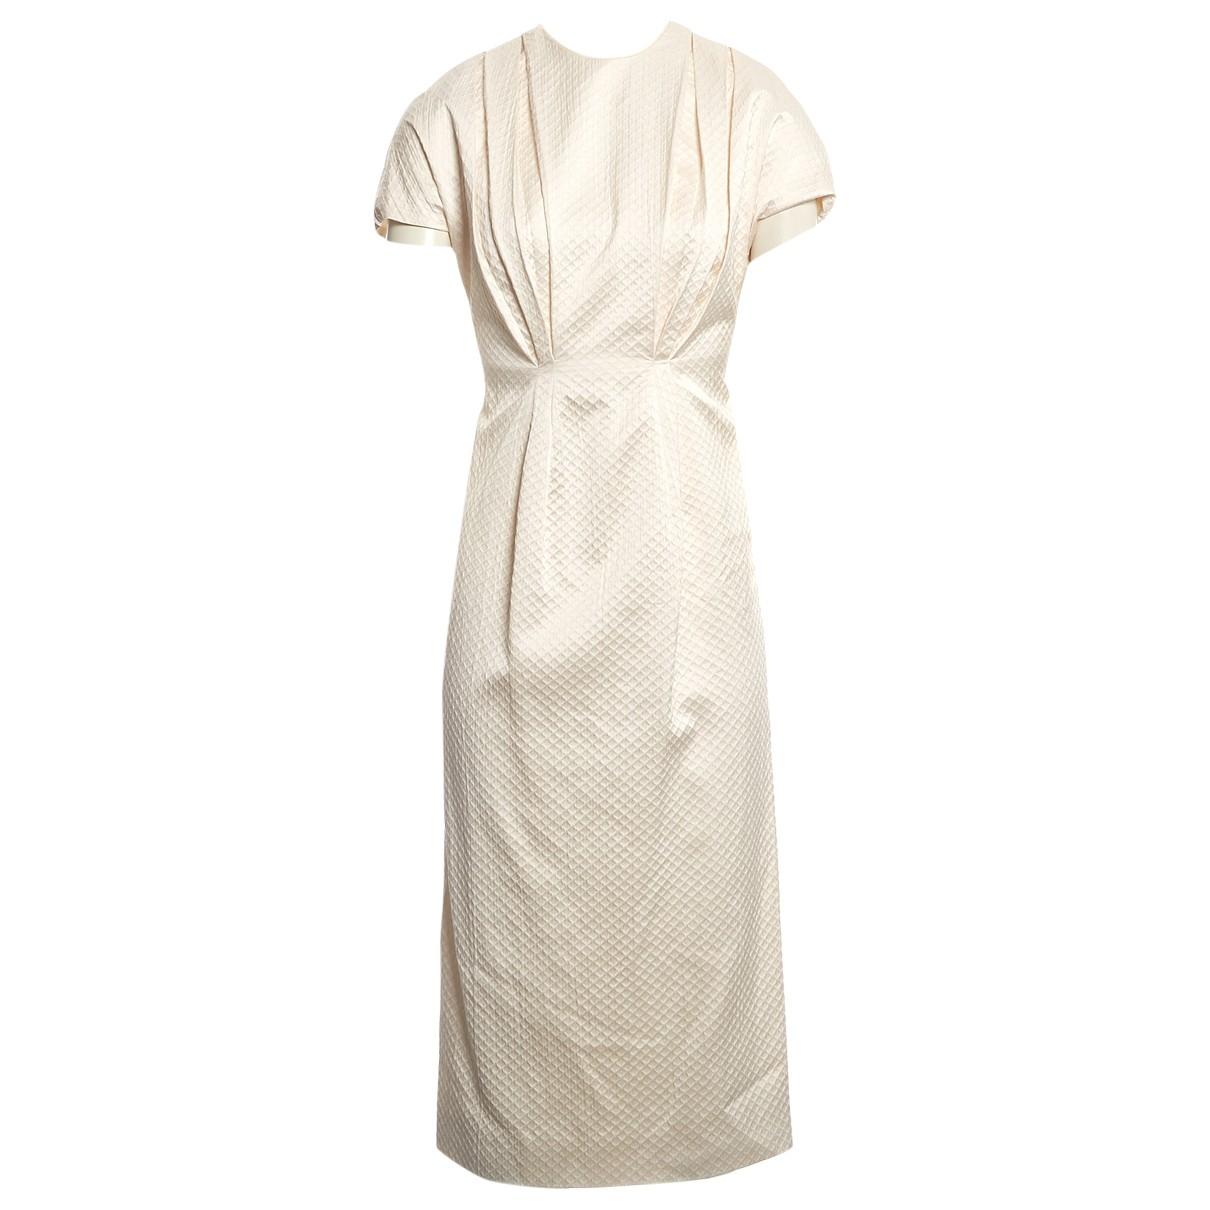 Emilia Wickstead \N Ecru Cotton dress for Women 8 UK